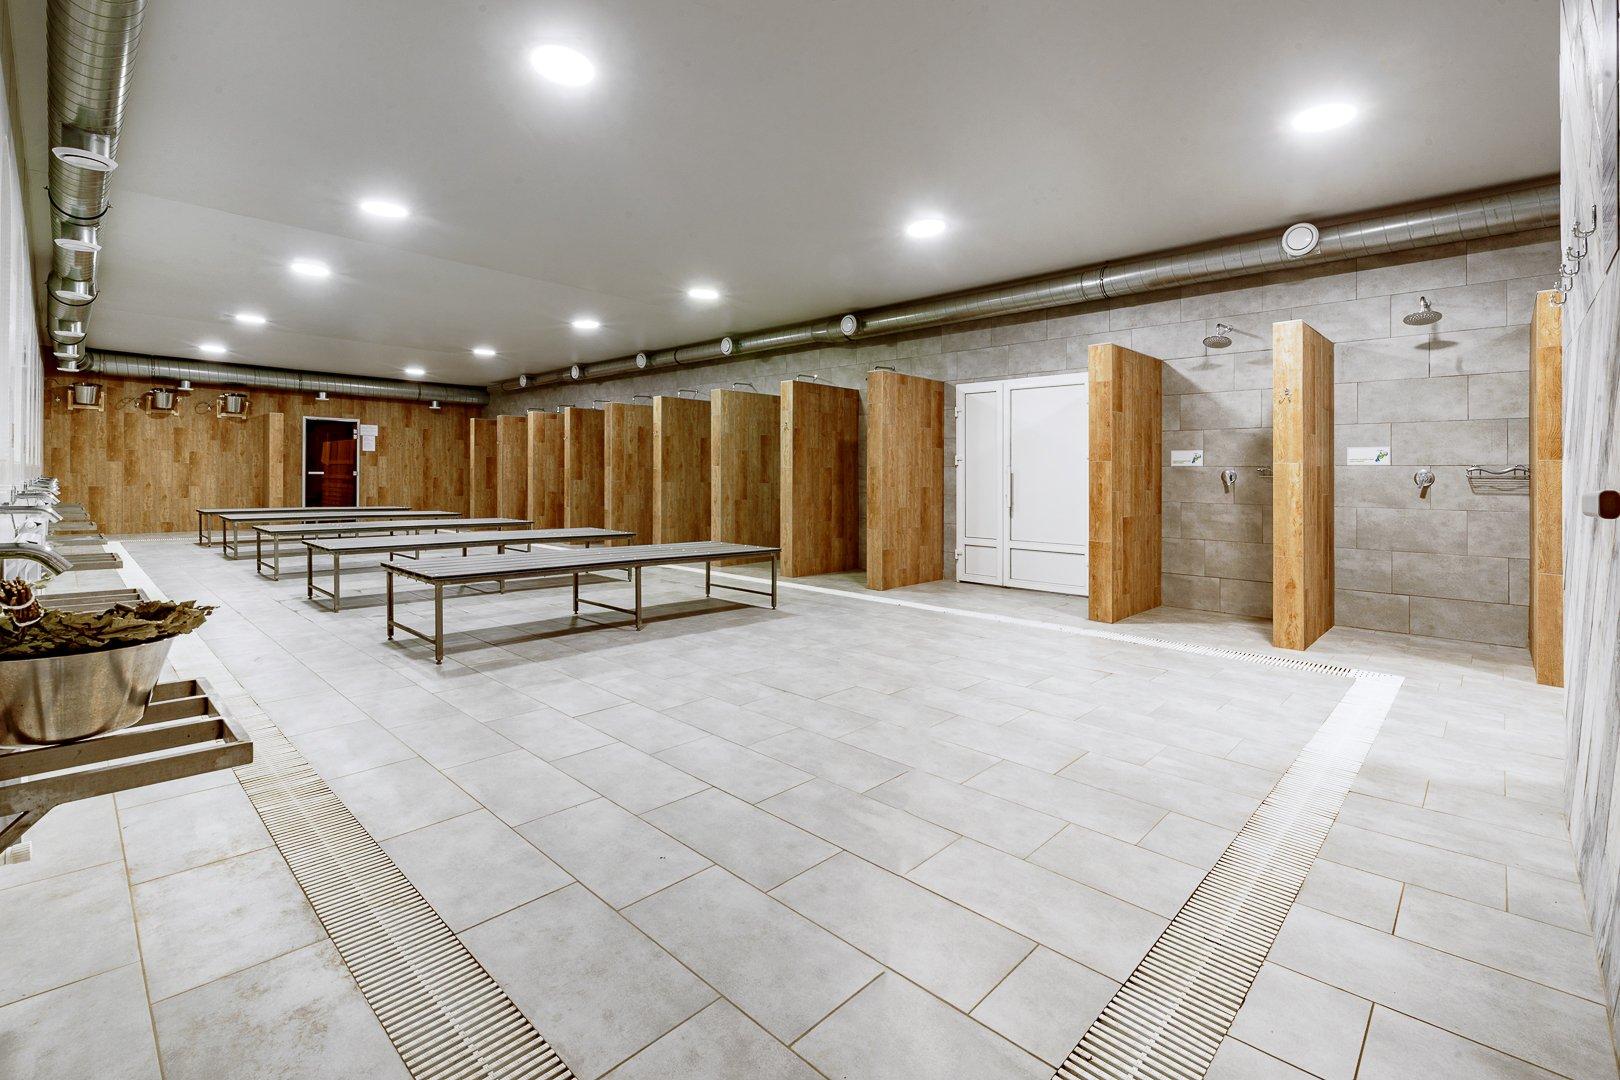 Общественная баня: проект и правила пользования